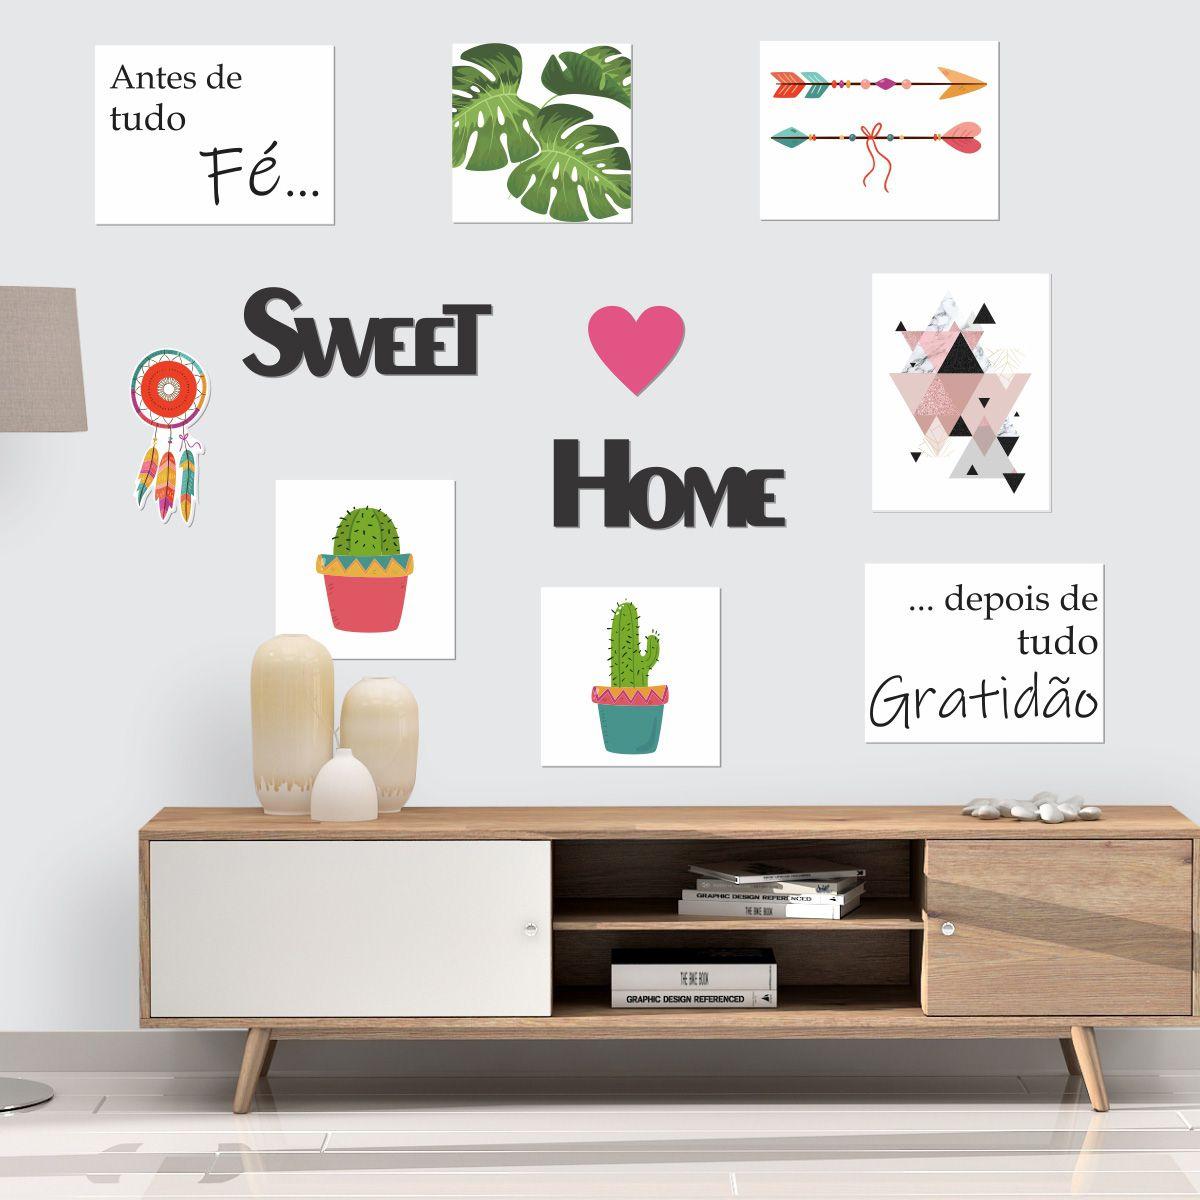 Kit Placas e Frases Decorativas Sweet Home